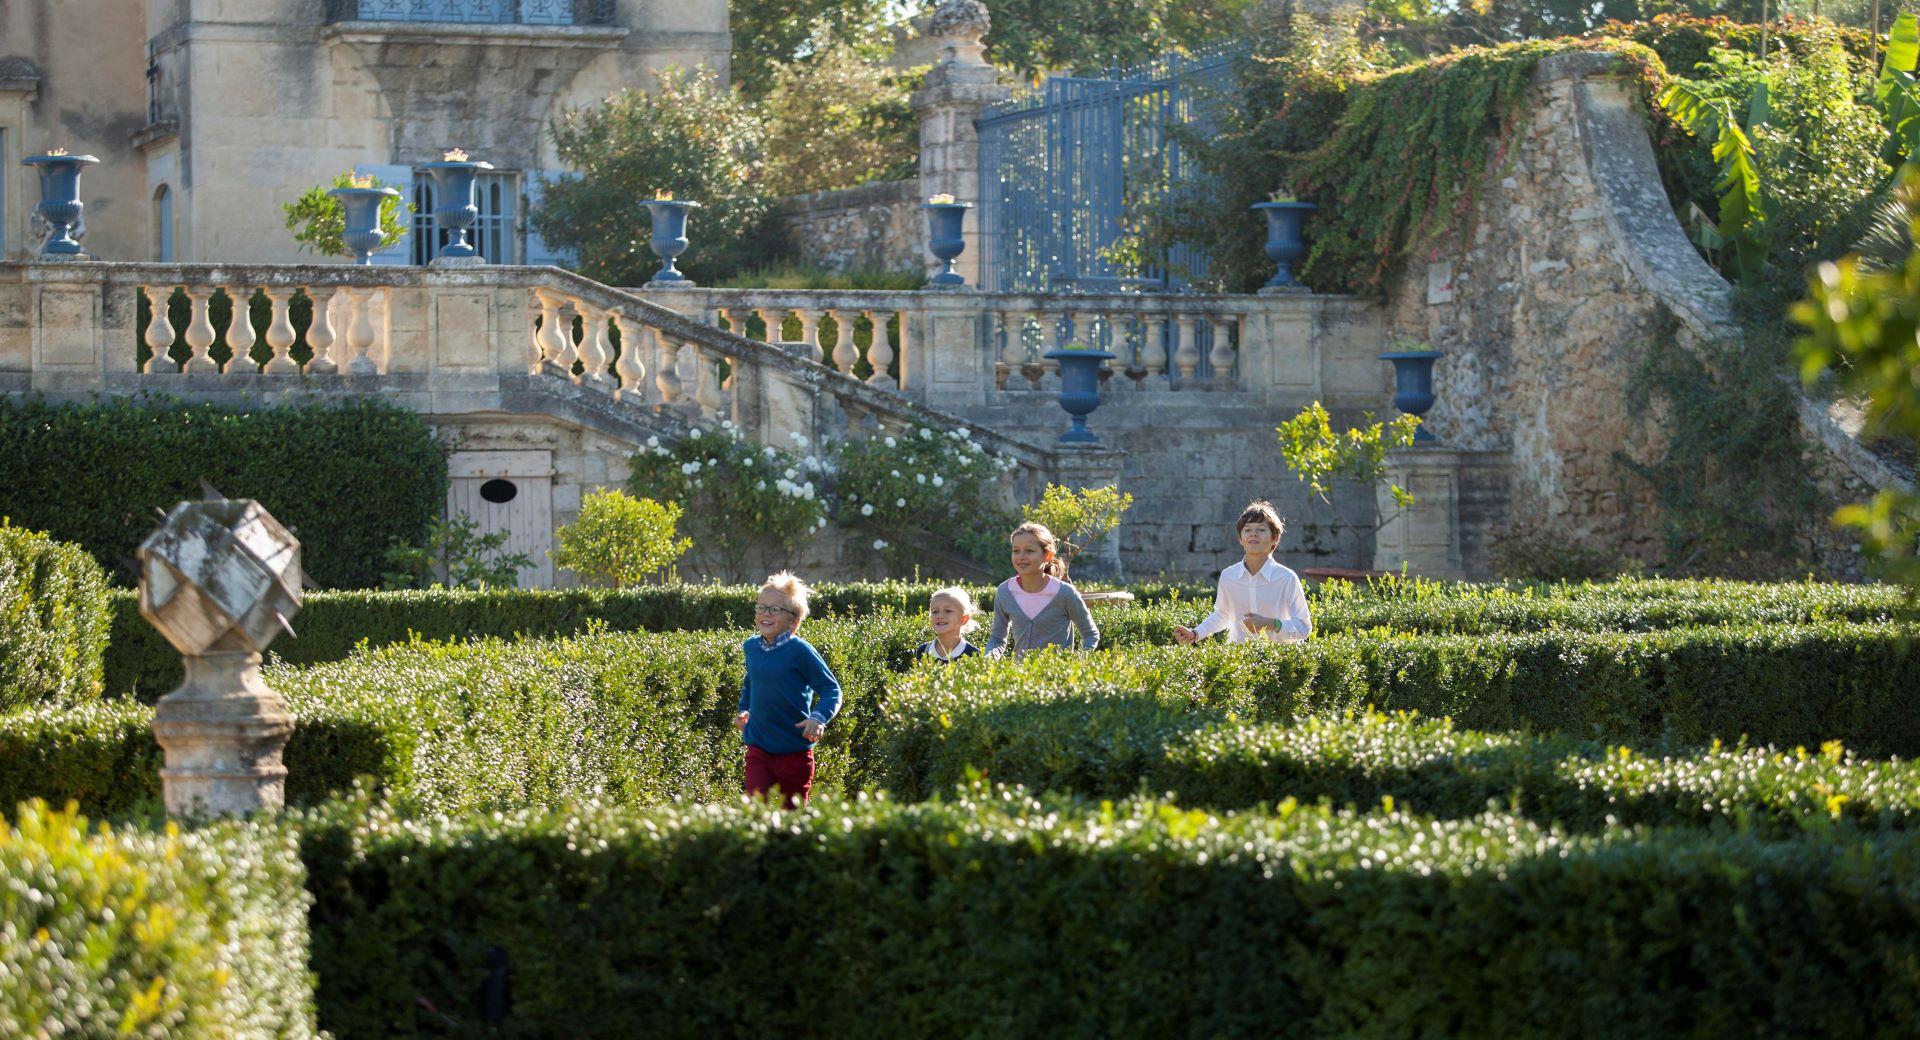 Enfants jouant dans les jardins du château de Flaugergues